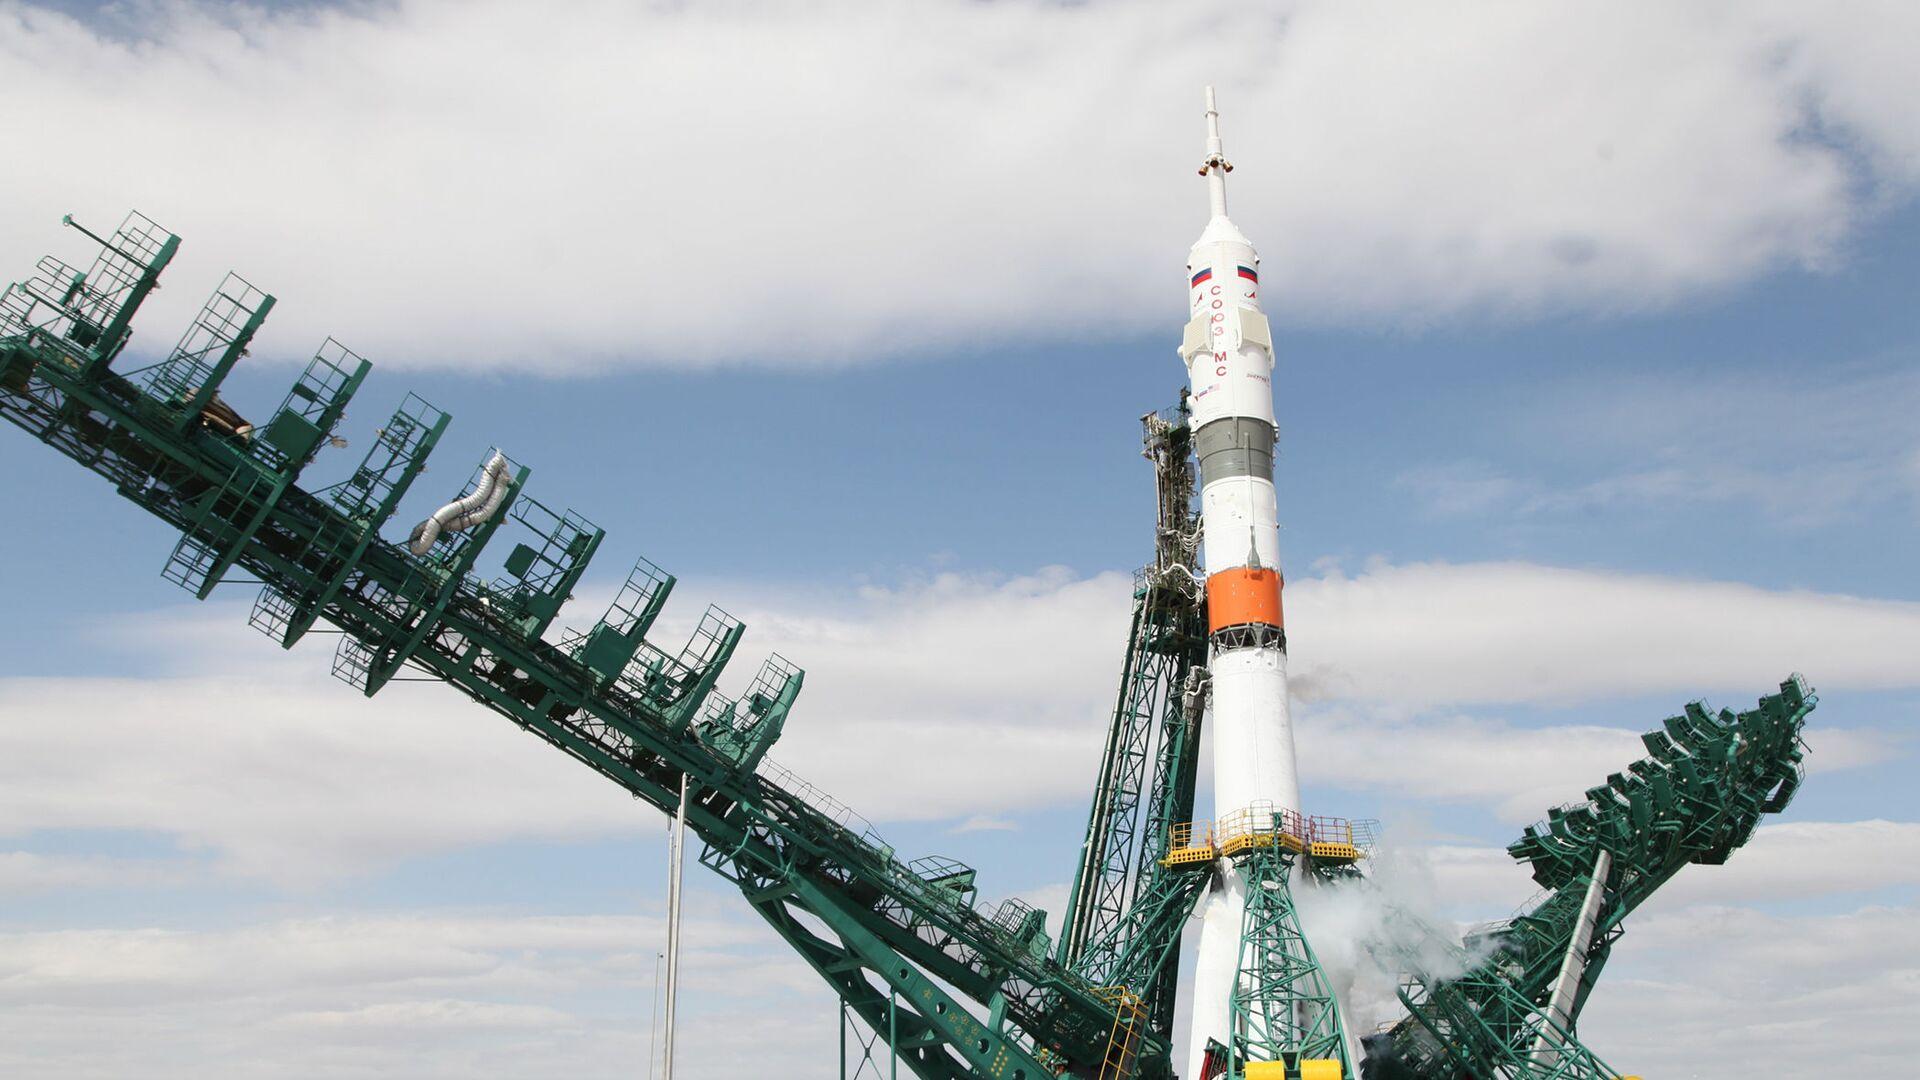 Nosnou raketu Sojuz 2.1a s pilotovanou lodí Sojuz MS-16 instalují na startovací ploše na kosmodromu Bajkonur - Sputnik Česká republika, 1920, 24.08.2021